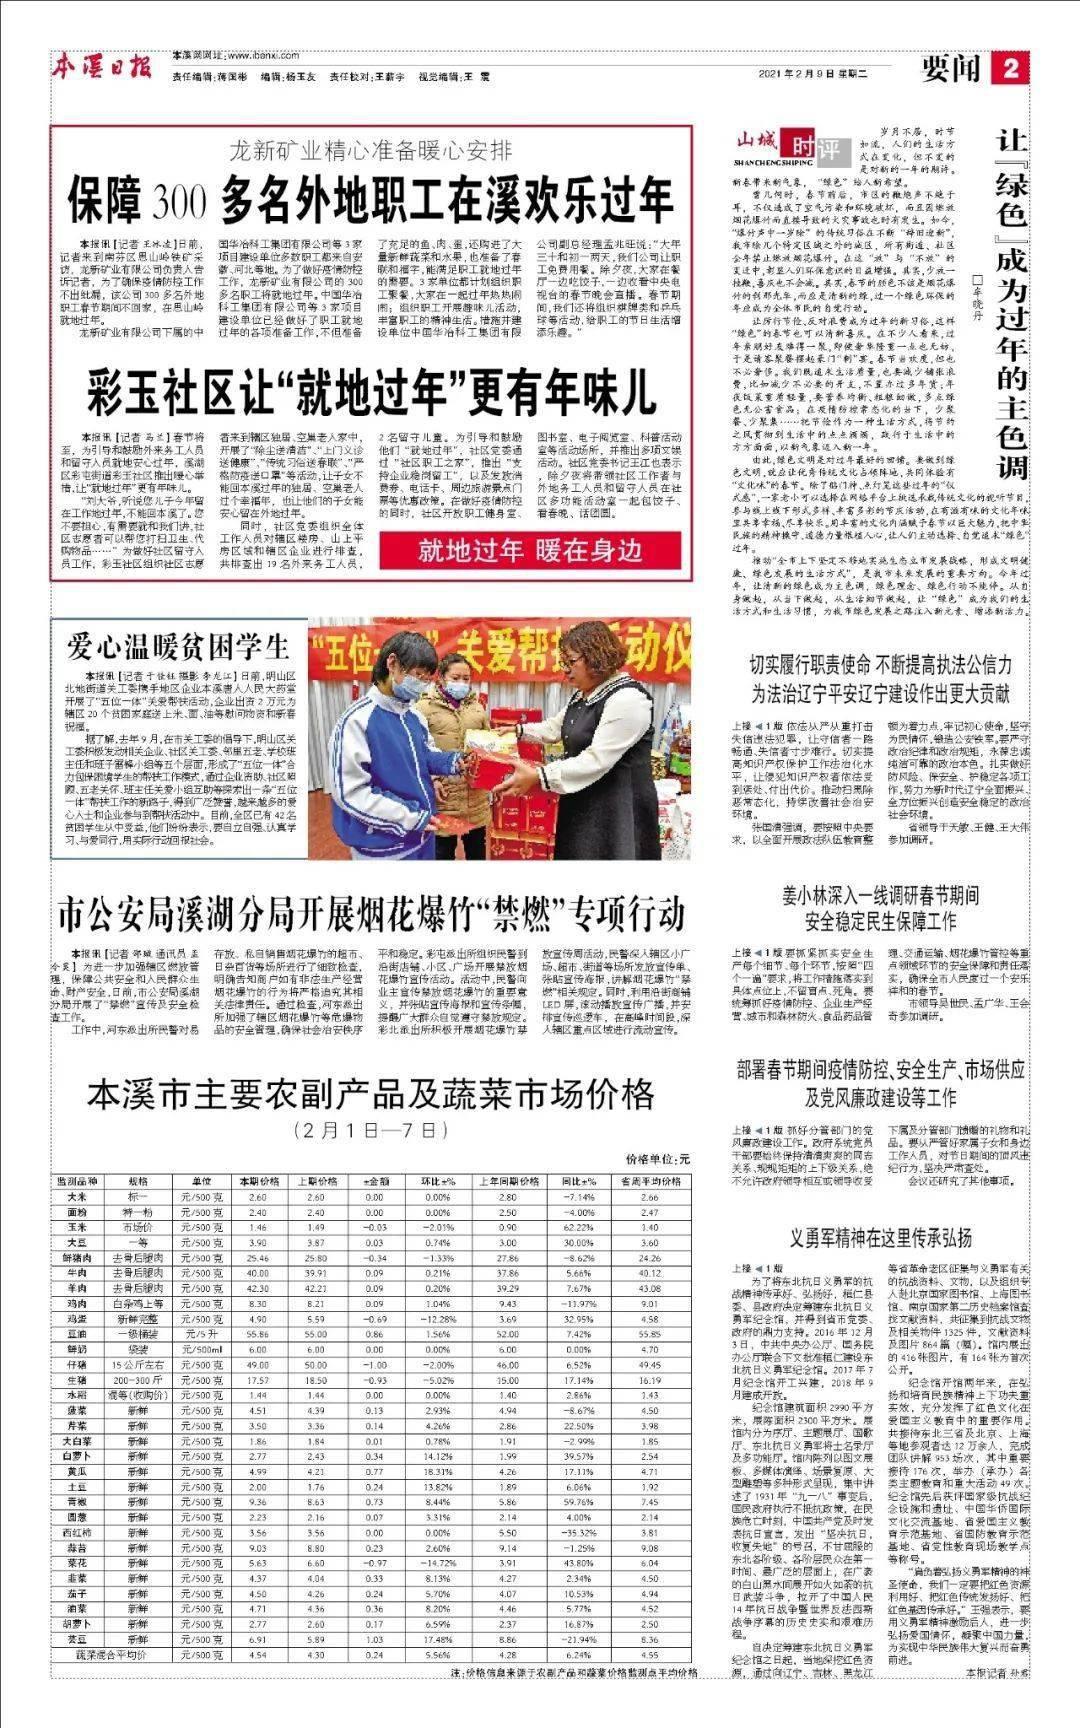 龙鑫矿业精心准备了热心肠的安排,以确保300多名外籍工人将有一个快乐的新年在流